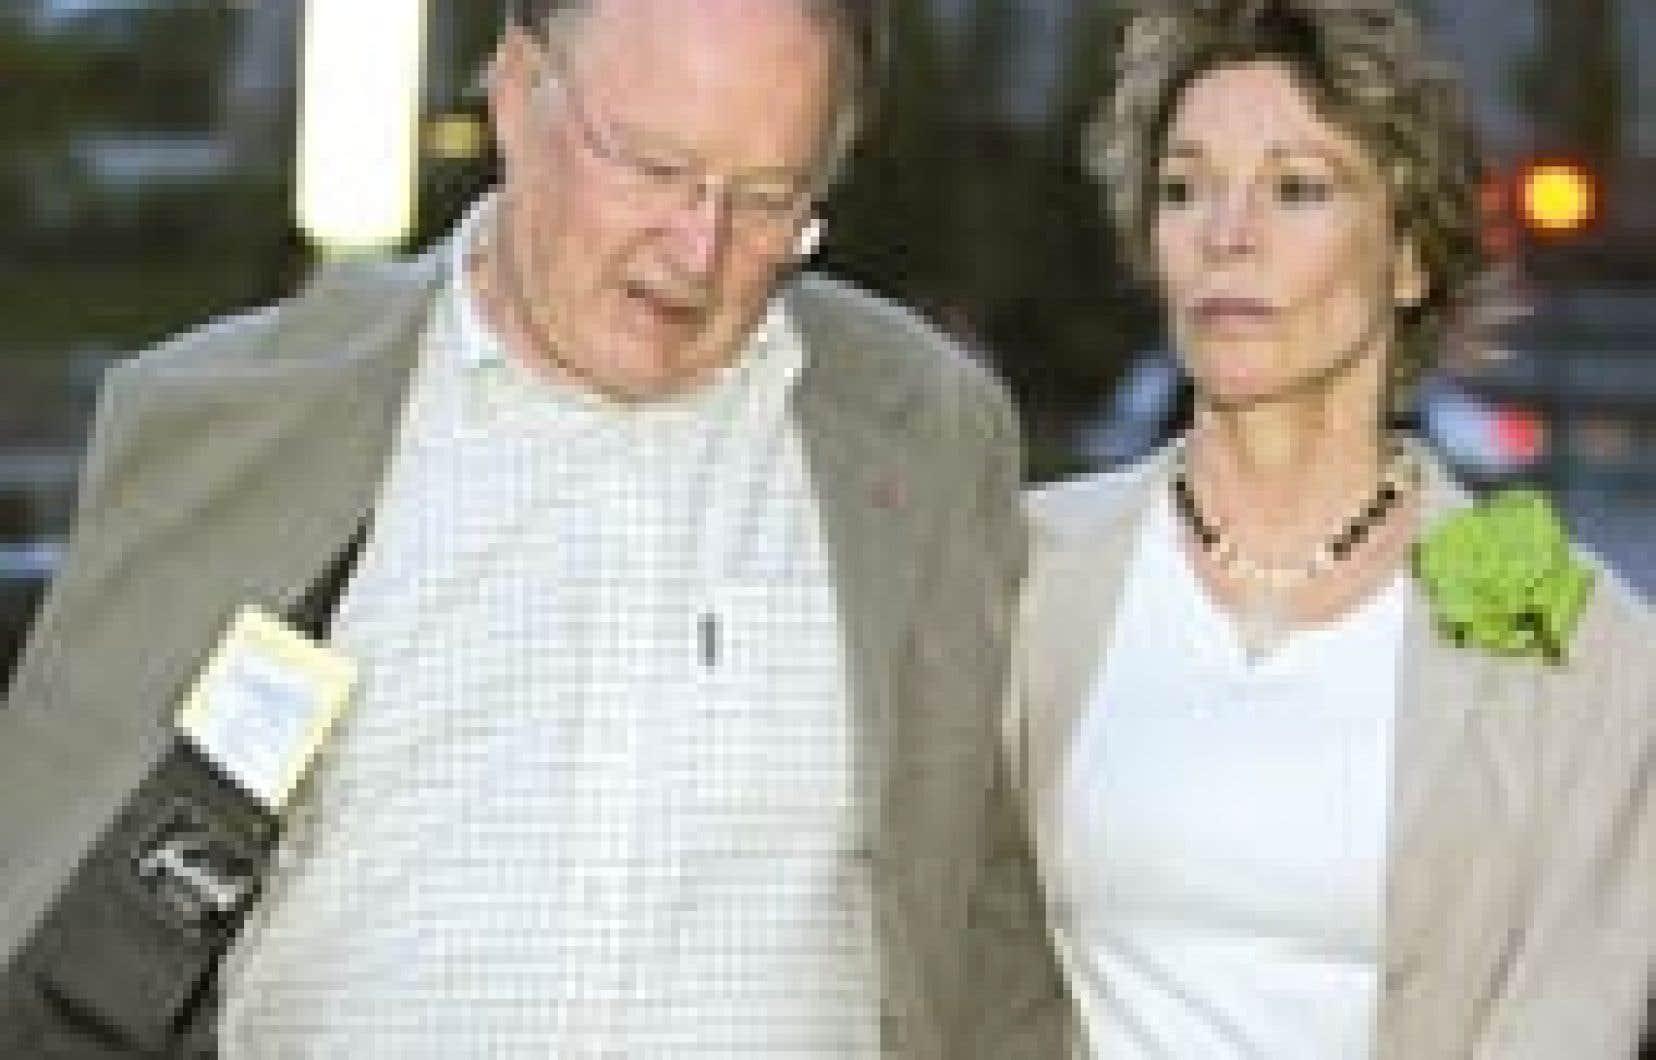 Bernard Landry quittant le congrès du Parti québécois au bras de son épouse Chantal Renaud, samedi soir, après avoir démissionné. «N'oubliez pas que personne n'est irremplaçable», a dit M. Landry, qui a suscité une vive commotion parmi les